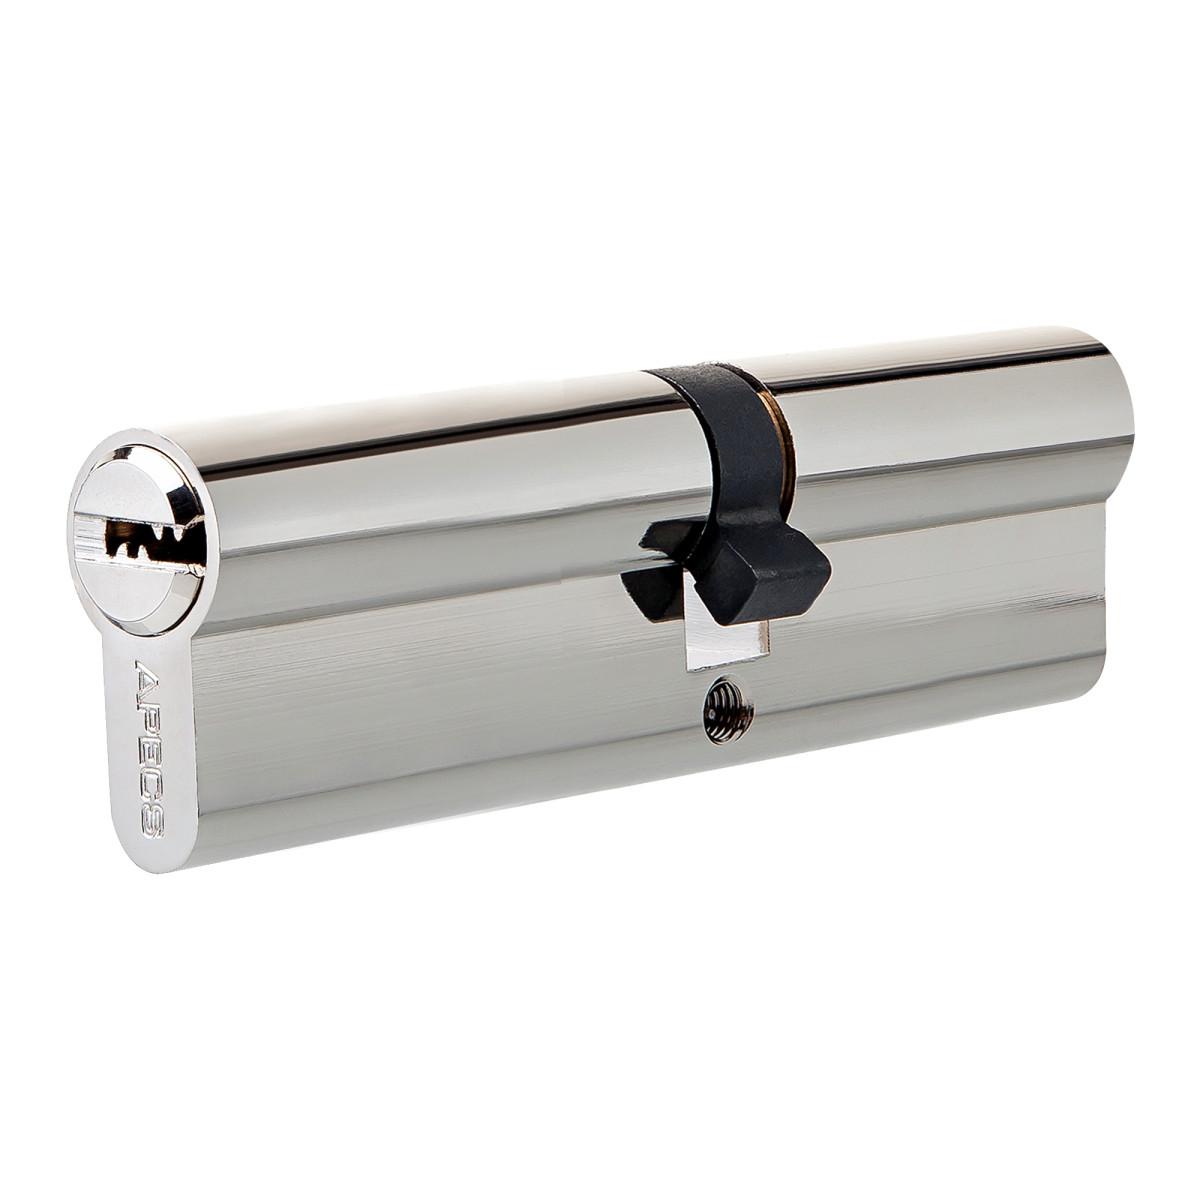 Цилиндр Apecs SM-100(40/60)-NI 40x60 мм ключ/ключ цвет никель